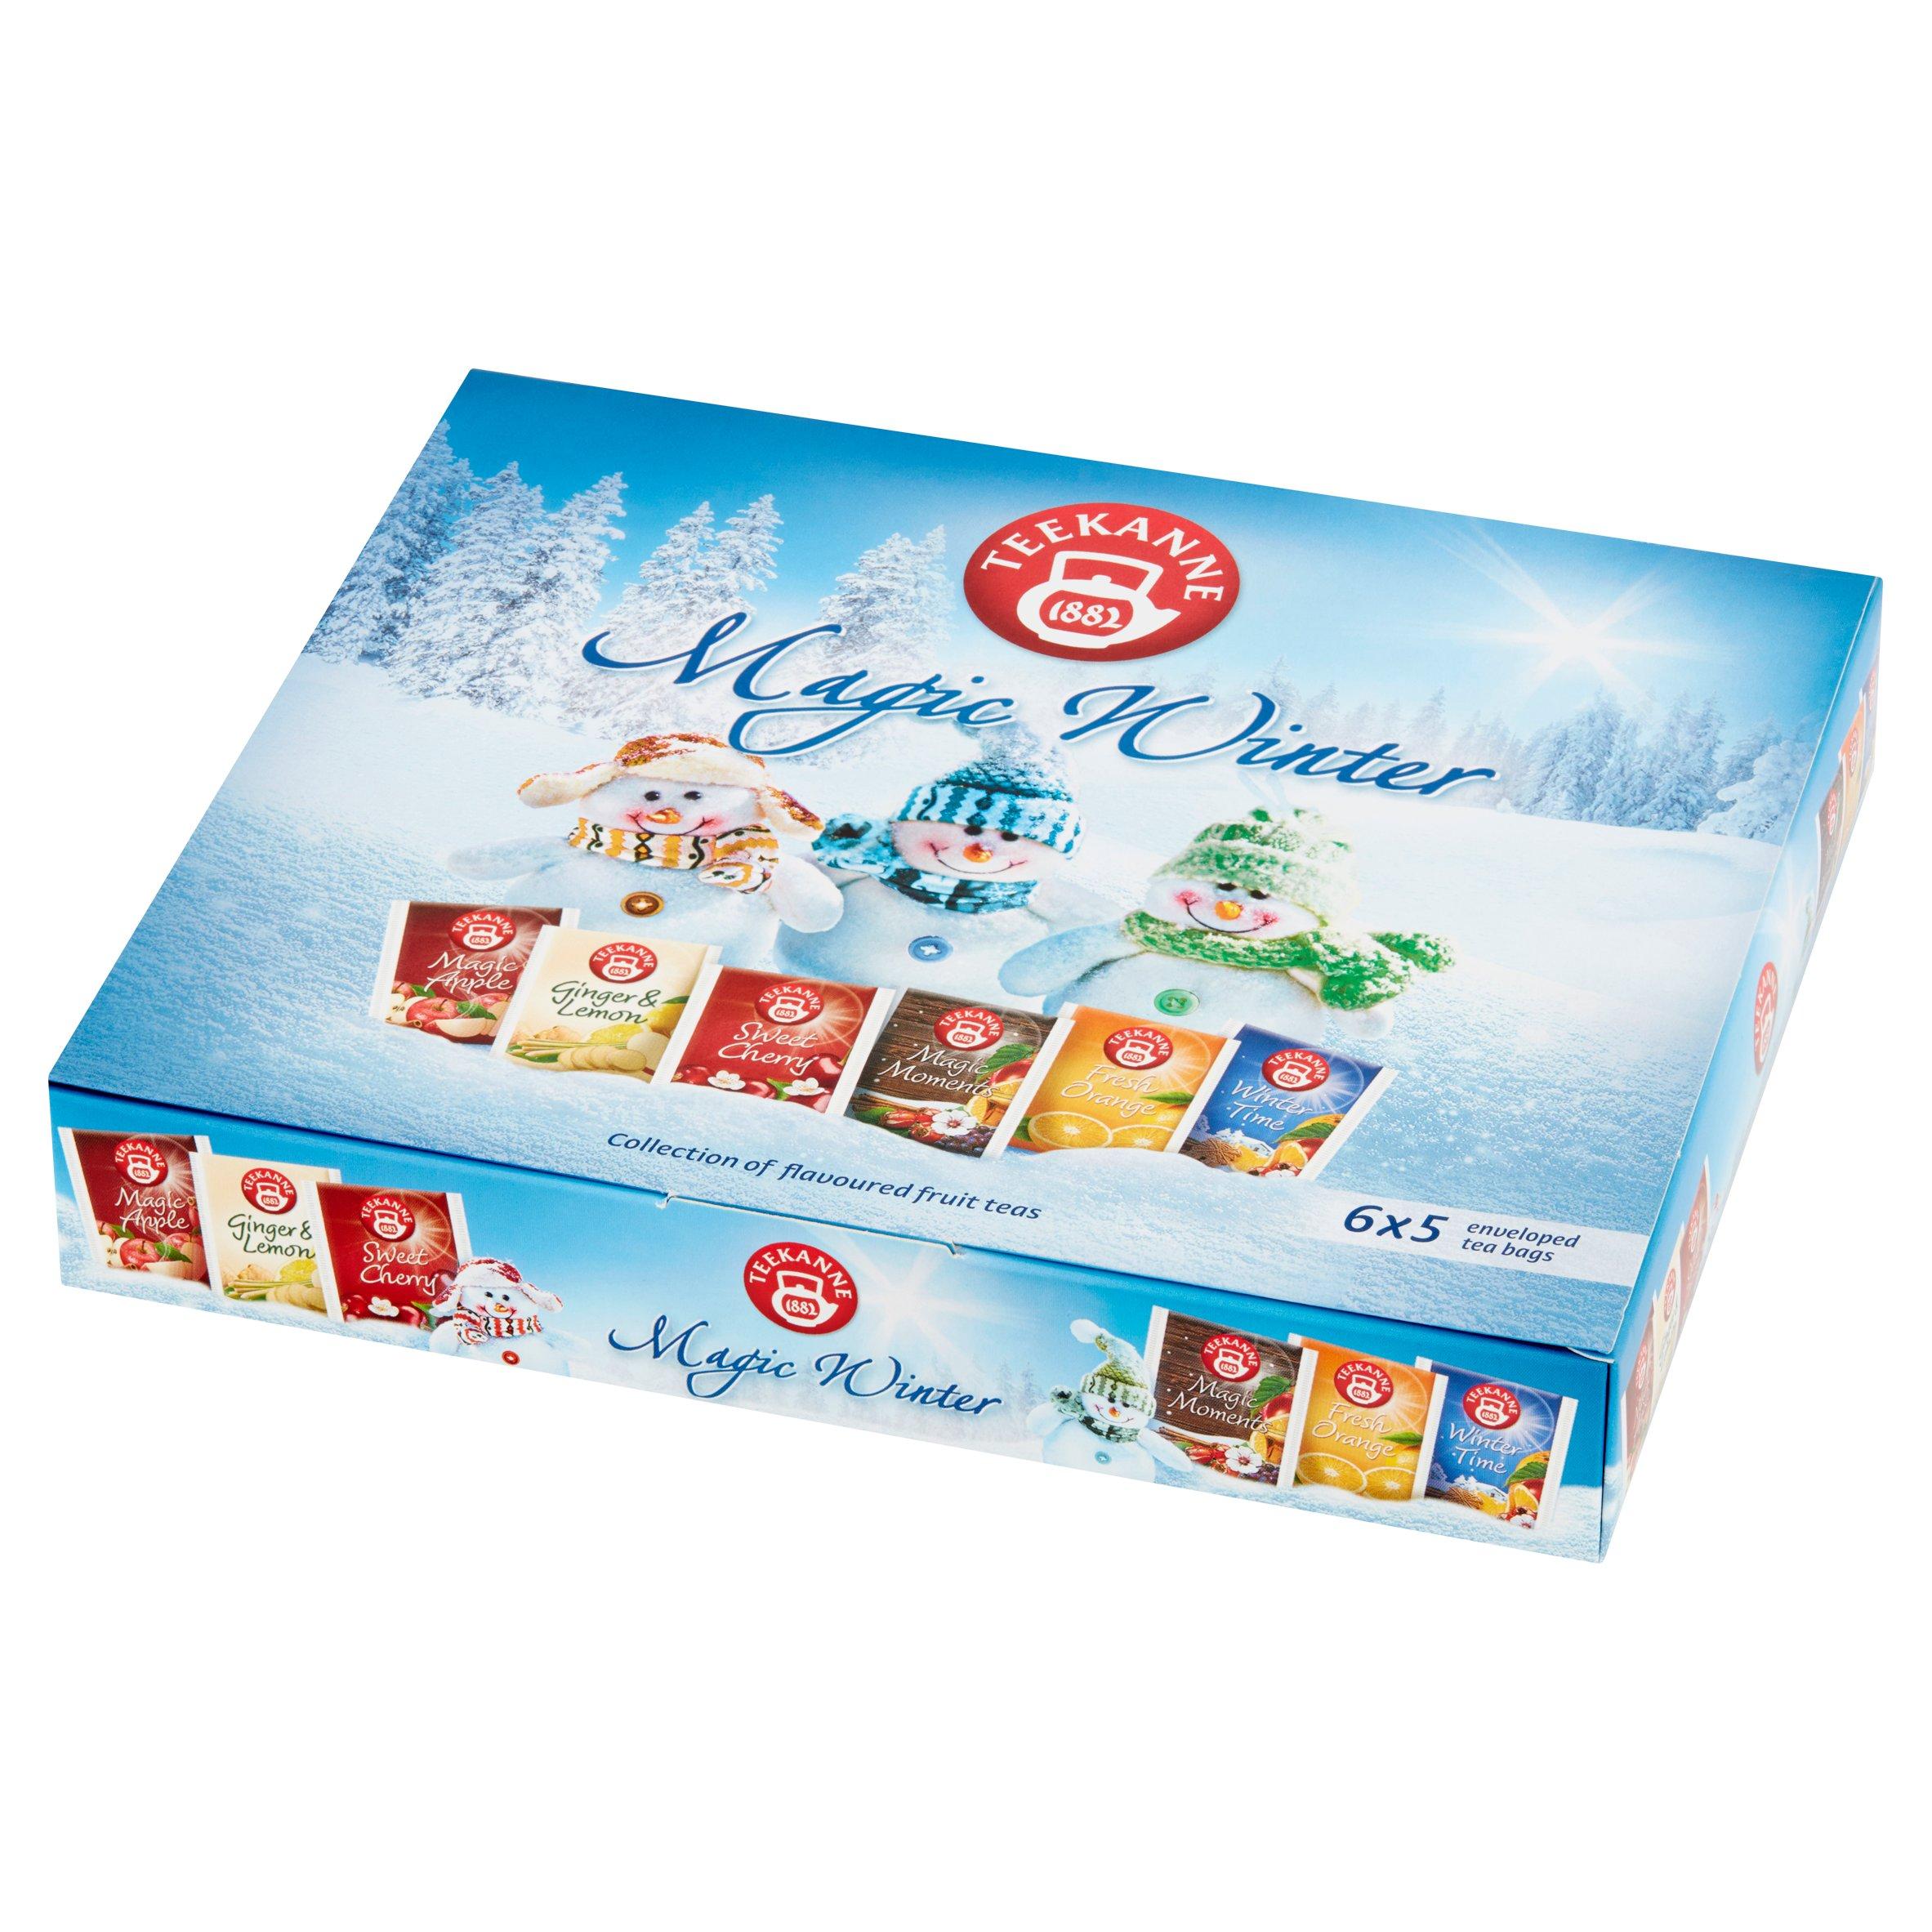 Teekanne Magic Winter Aromatyzowana mieszanka herbatek 68,75g (6 x 5 tor) (3)